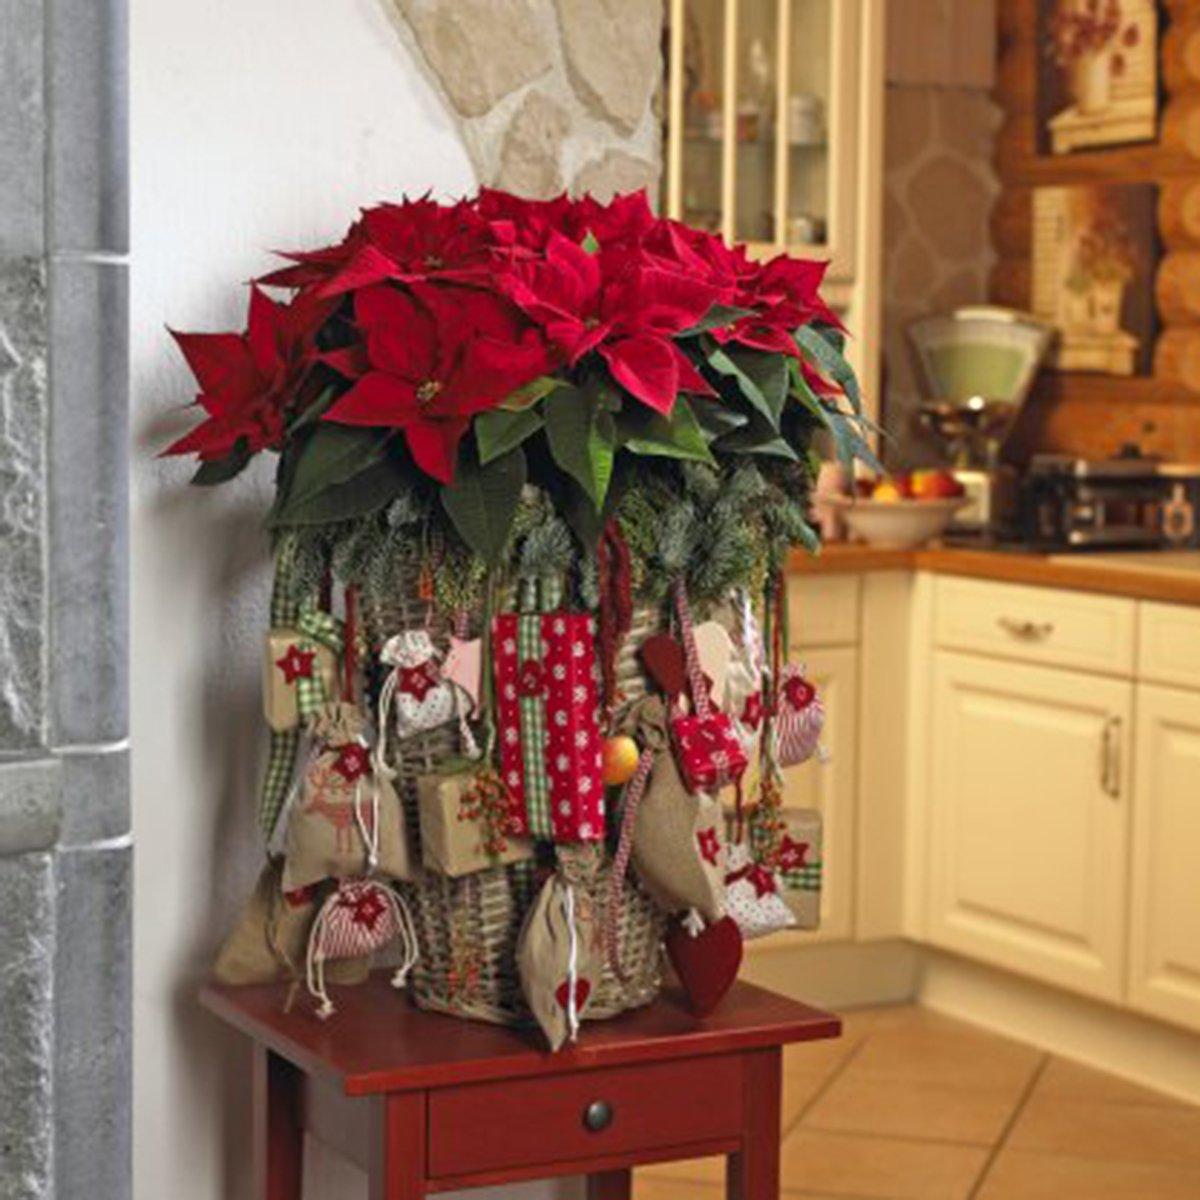 Stella di natale per il calendario dell 39 avvento fai da te - Addobbi natalizi per finestre fai da te ...